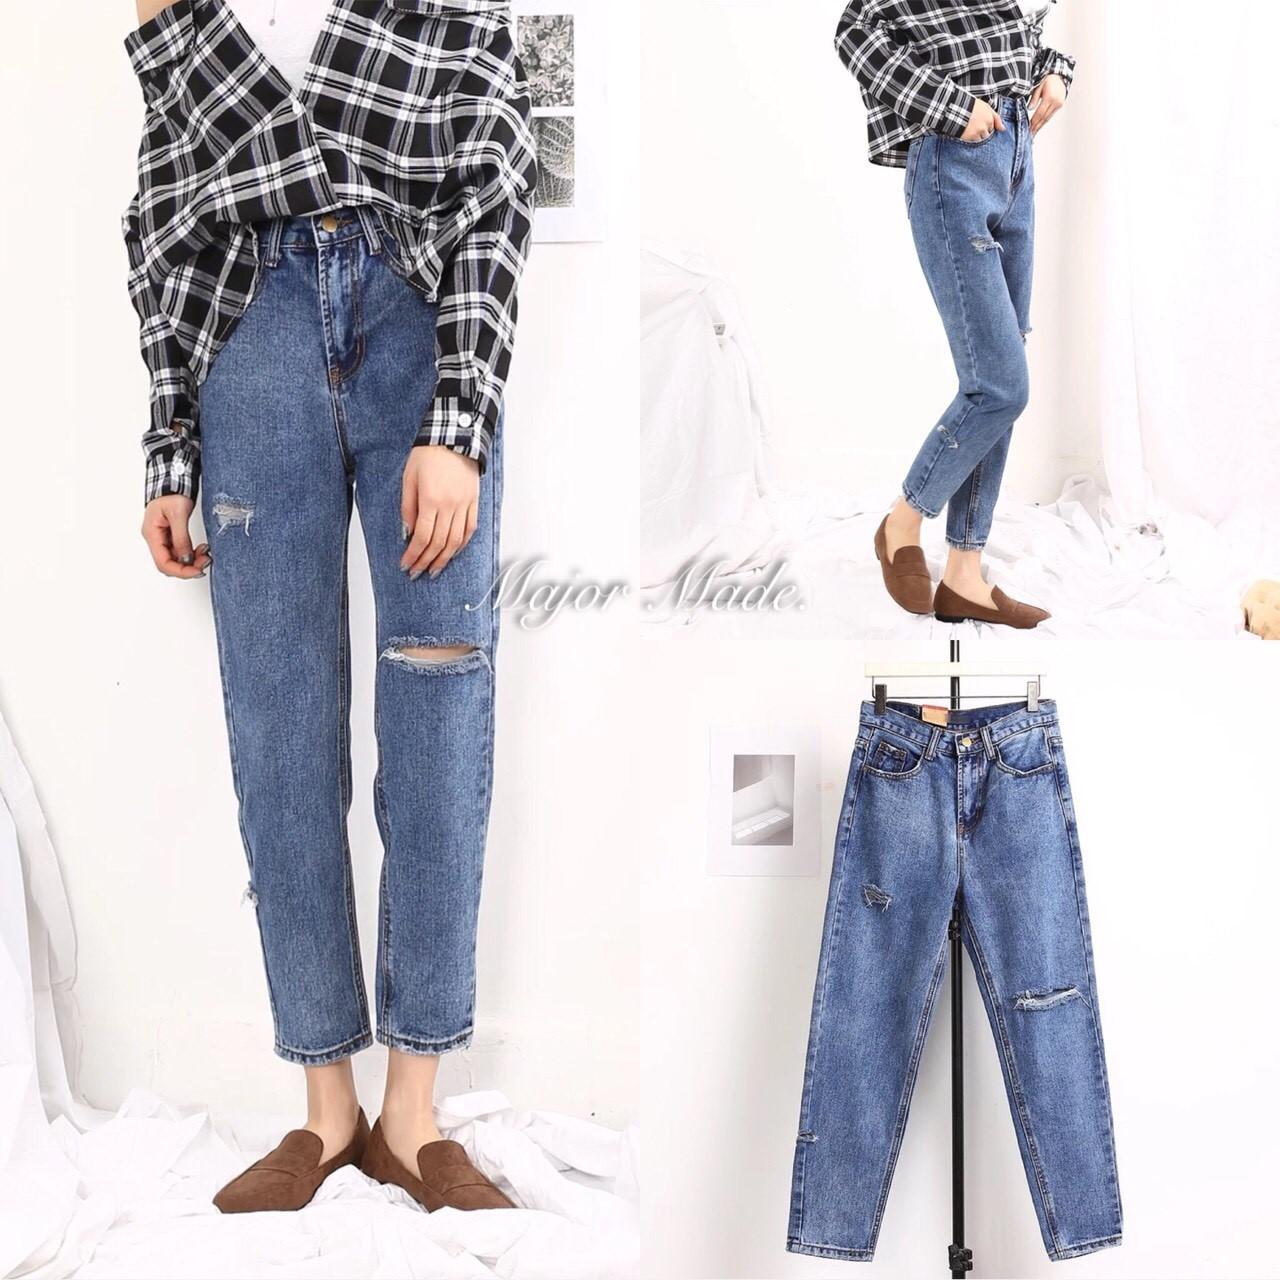 กางเกงแฟชั่น เกงยีนส์บอยทรงกระบอก เอวสูง สไตล์เกร๋